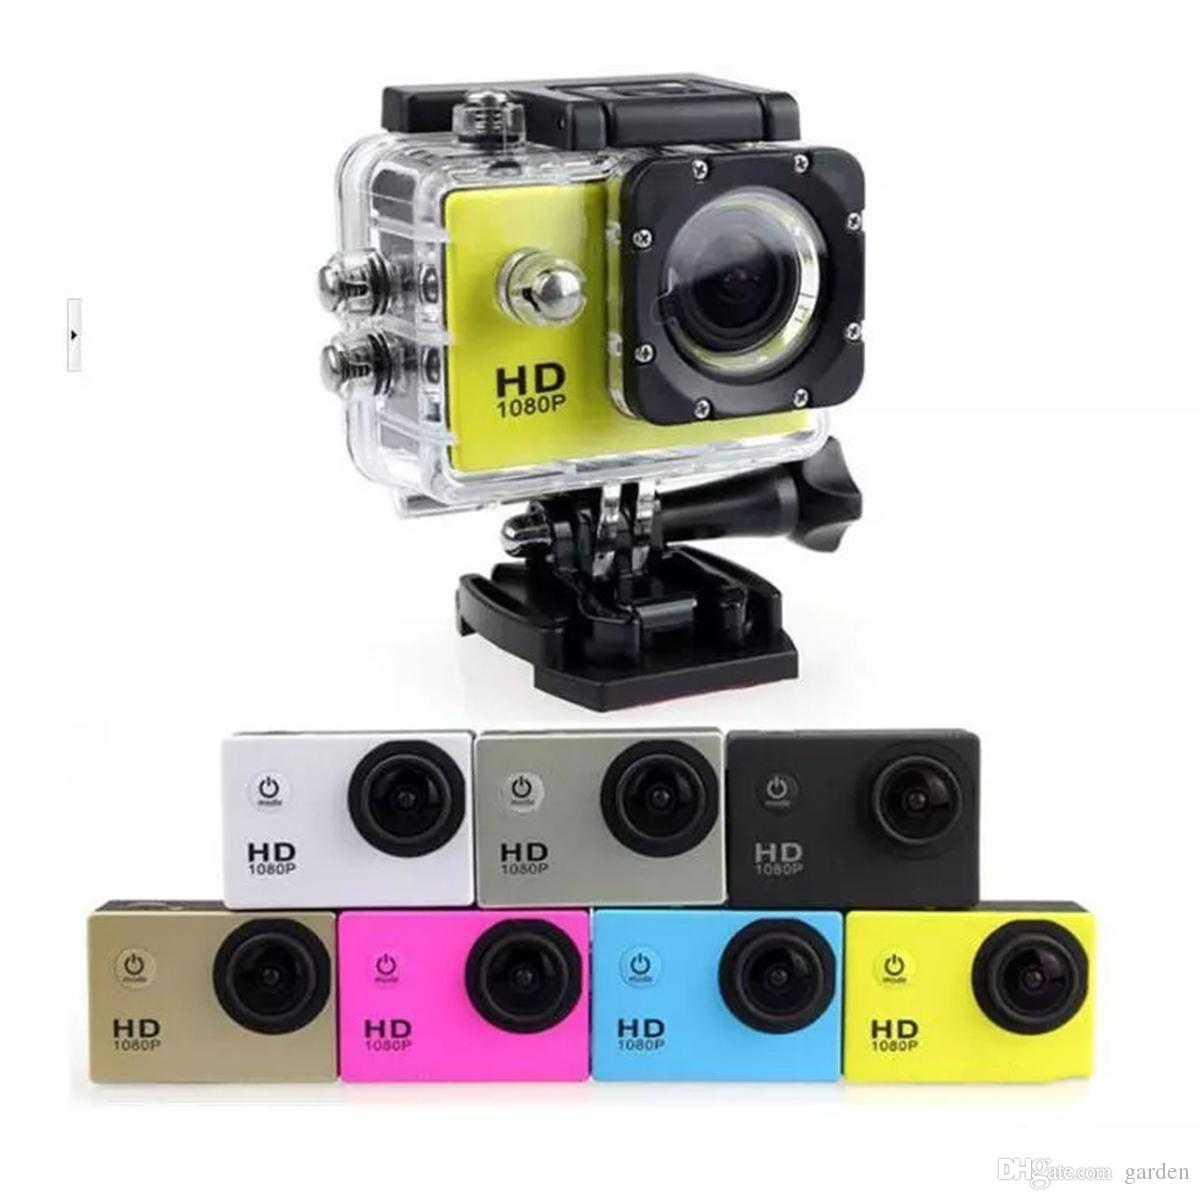 حار sj4000 1080 وعاء كامل hd عمل الرياضة كاميرا رقمية 2 بوصة وشاشة تحت ماء 30 متر dv تسجيل مصغرة التزلج دراجة صور فيديو كام